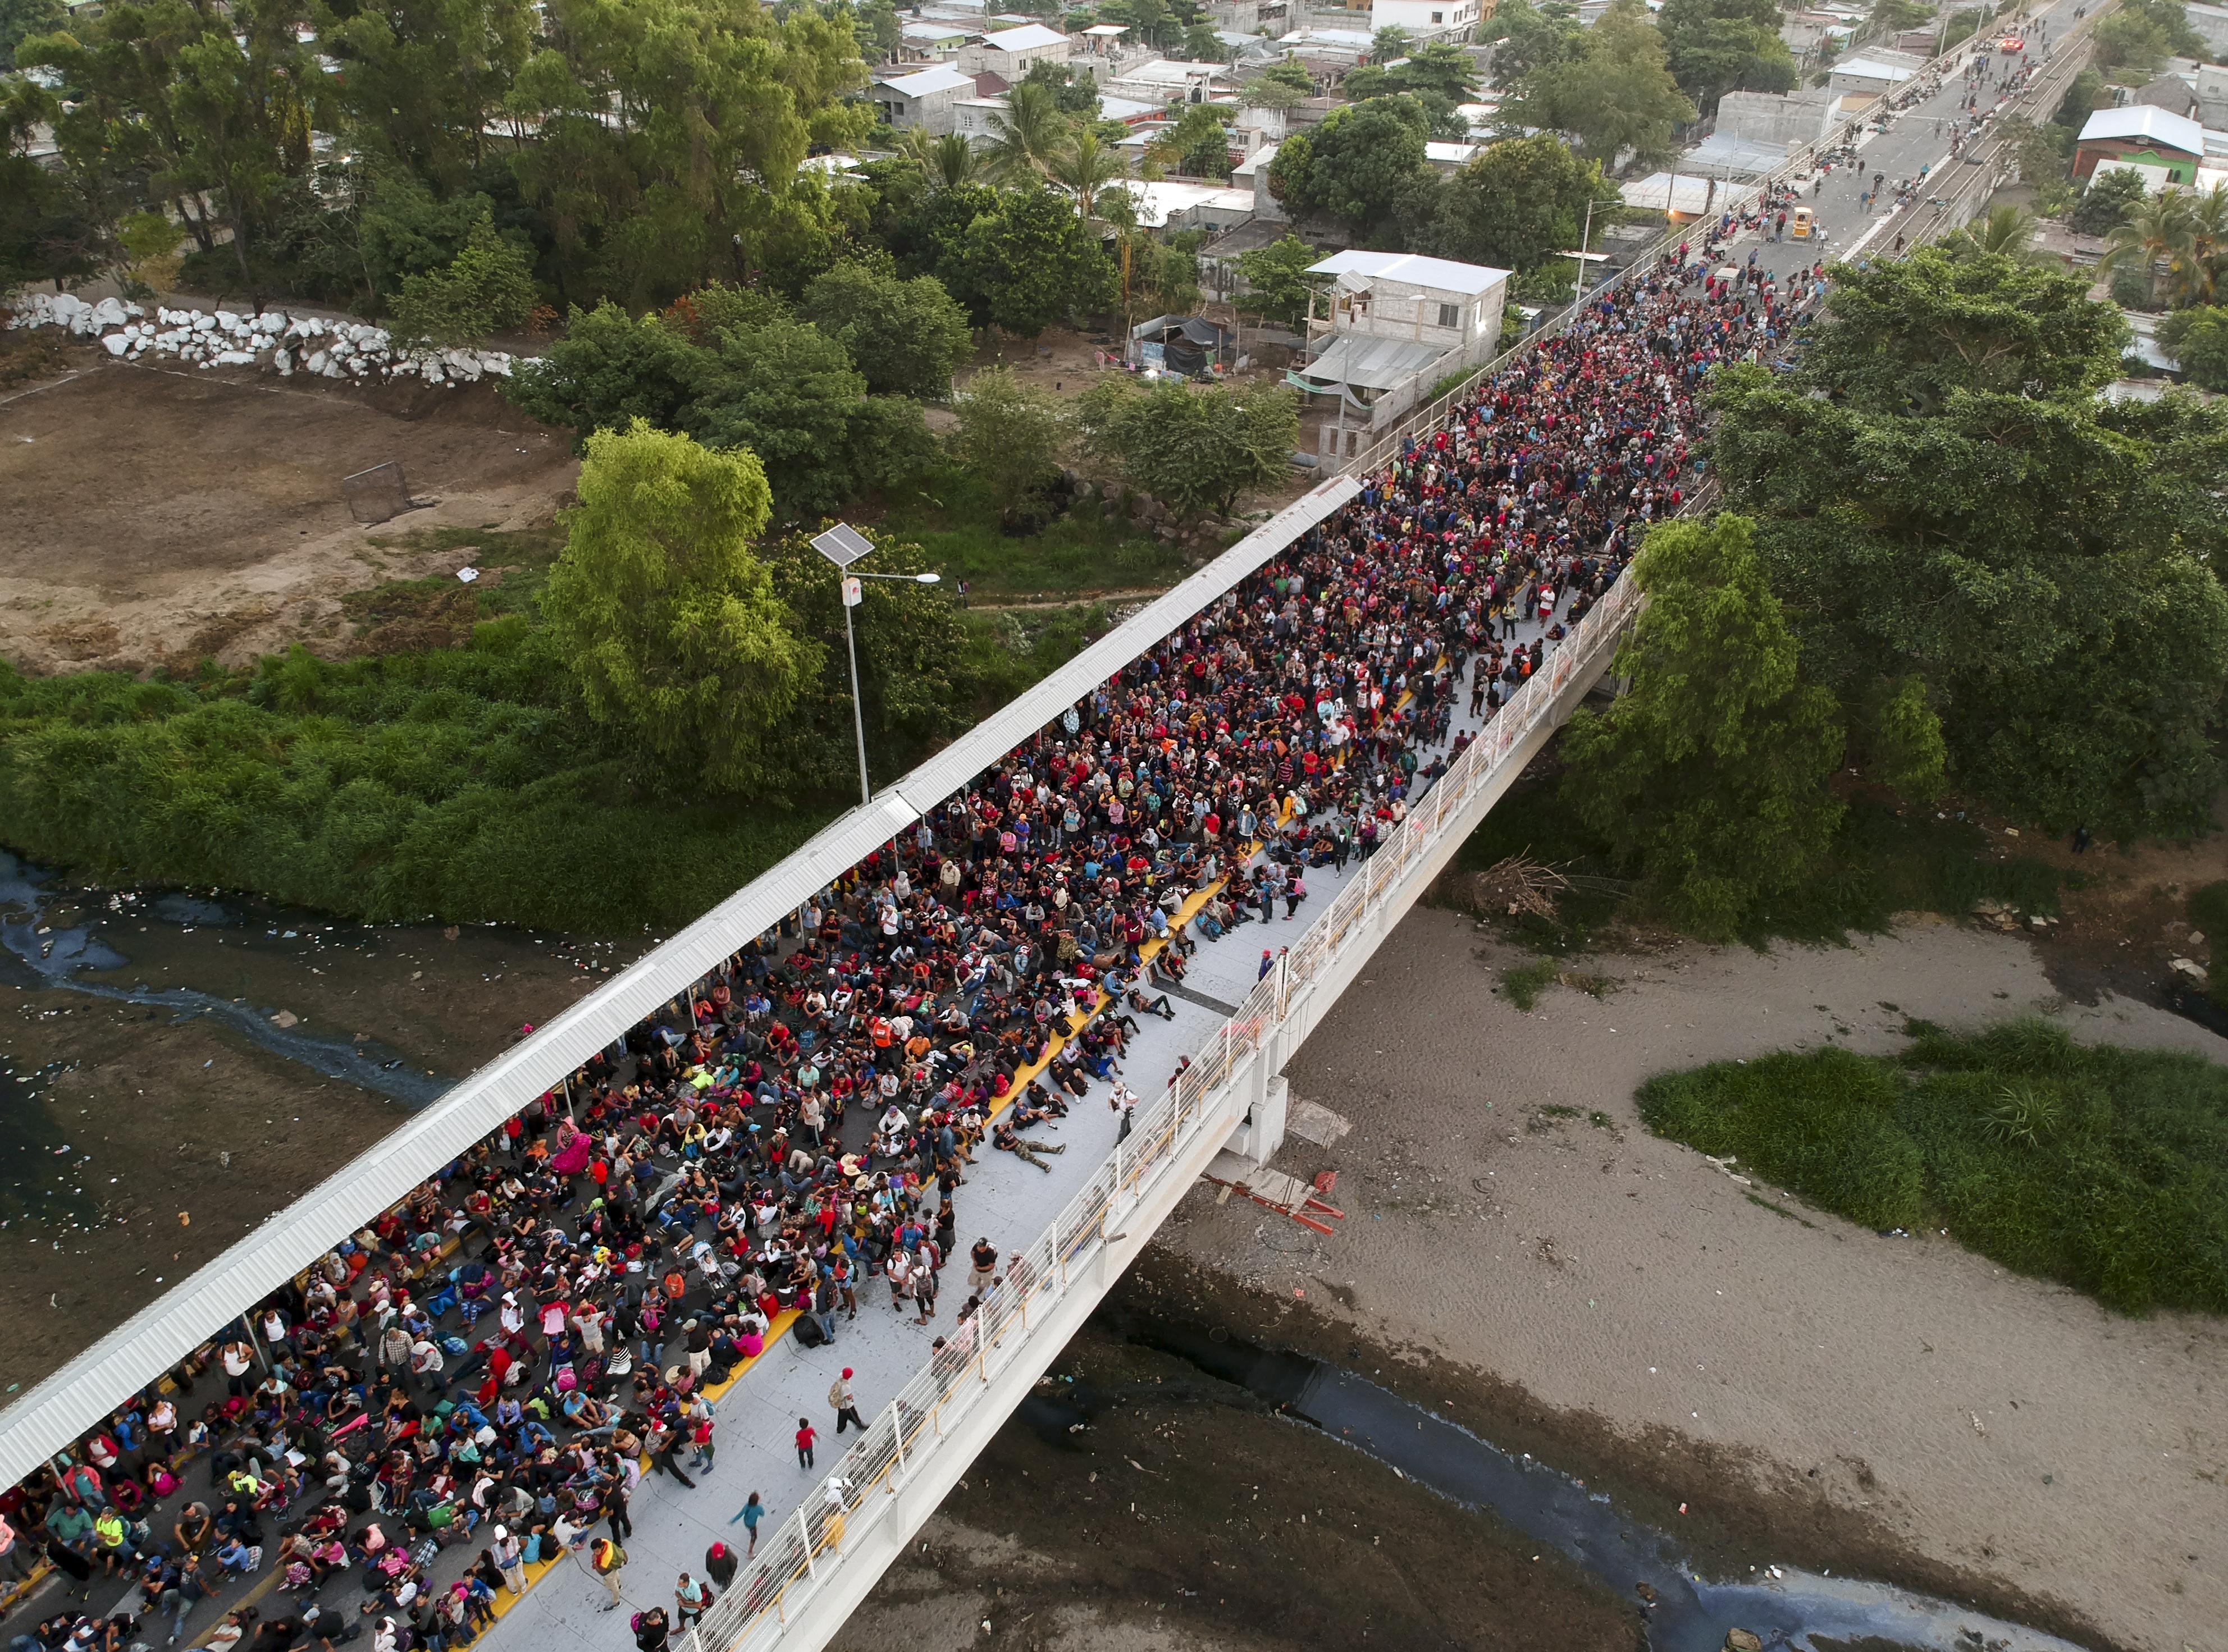 Miles de personas que compone la caravana migrante esperan sobre el puente internacional que divide México y Honduras (Foto: Carlos Alonzo /AFP)